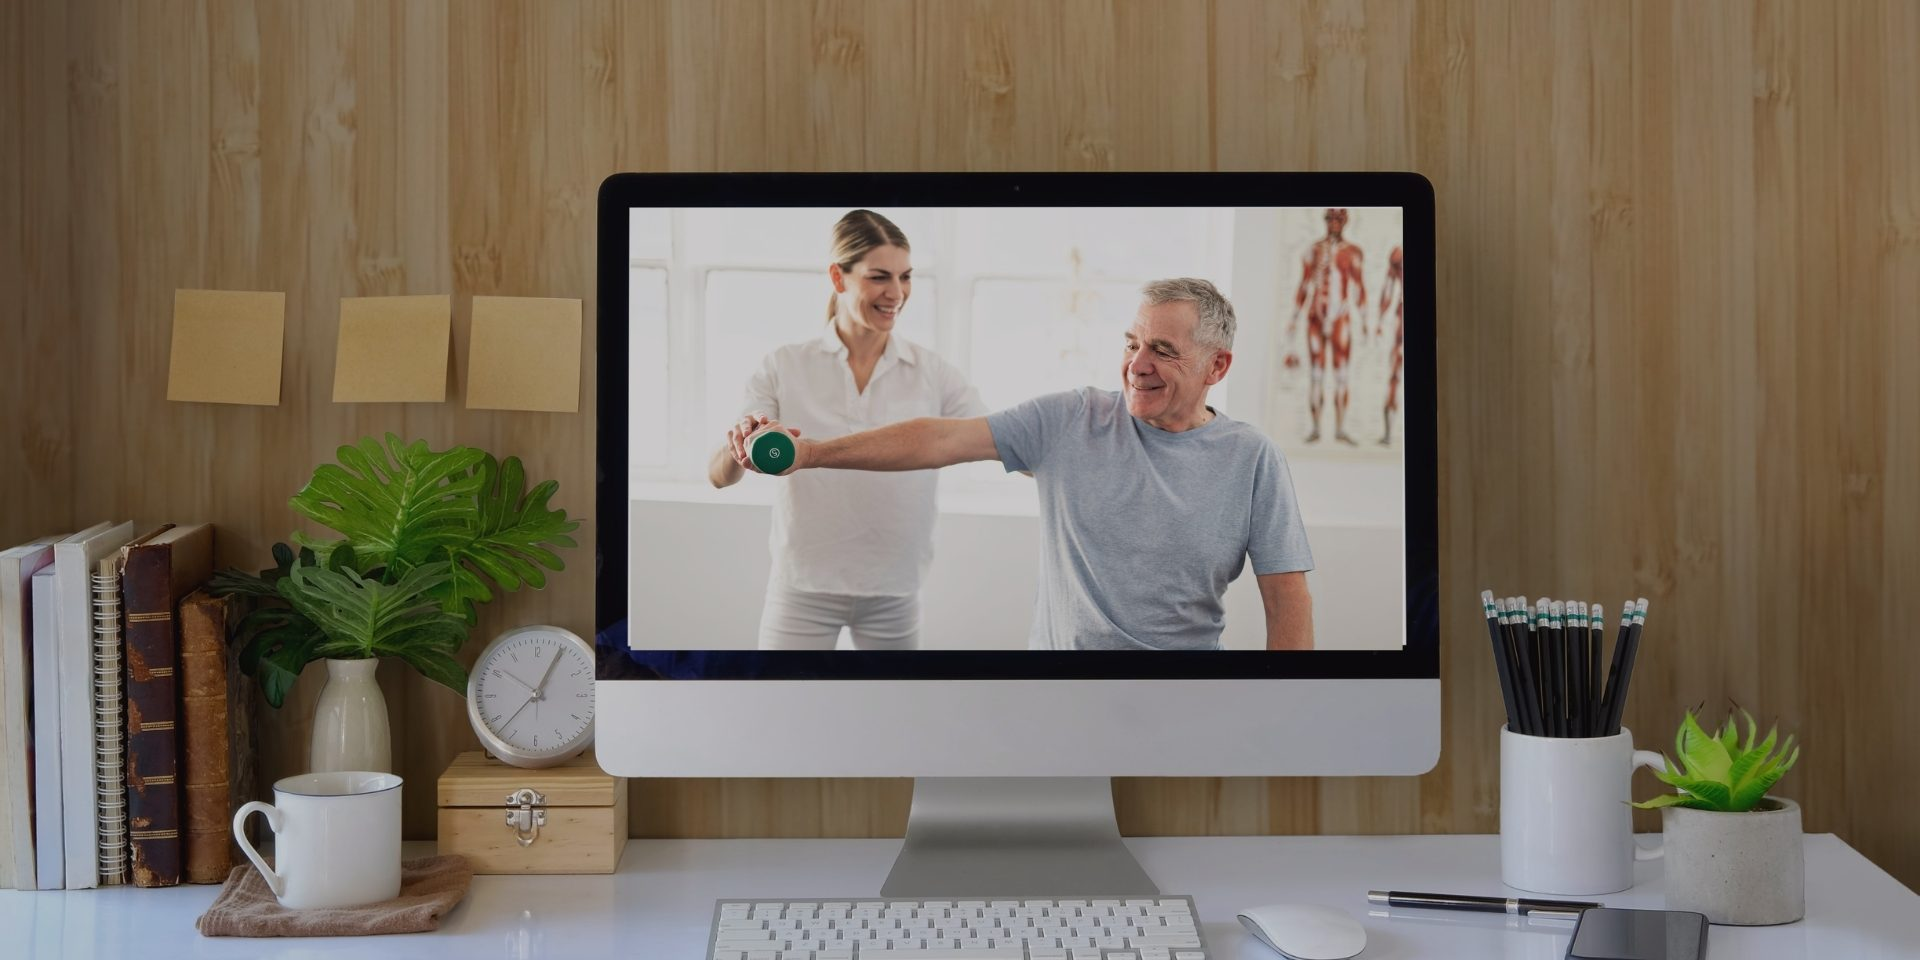 Telefisioterapia... Presente y futuro de una nueva forma de Fisioterapia. Fuente iconográfica lafisioterapia.net